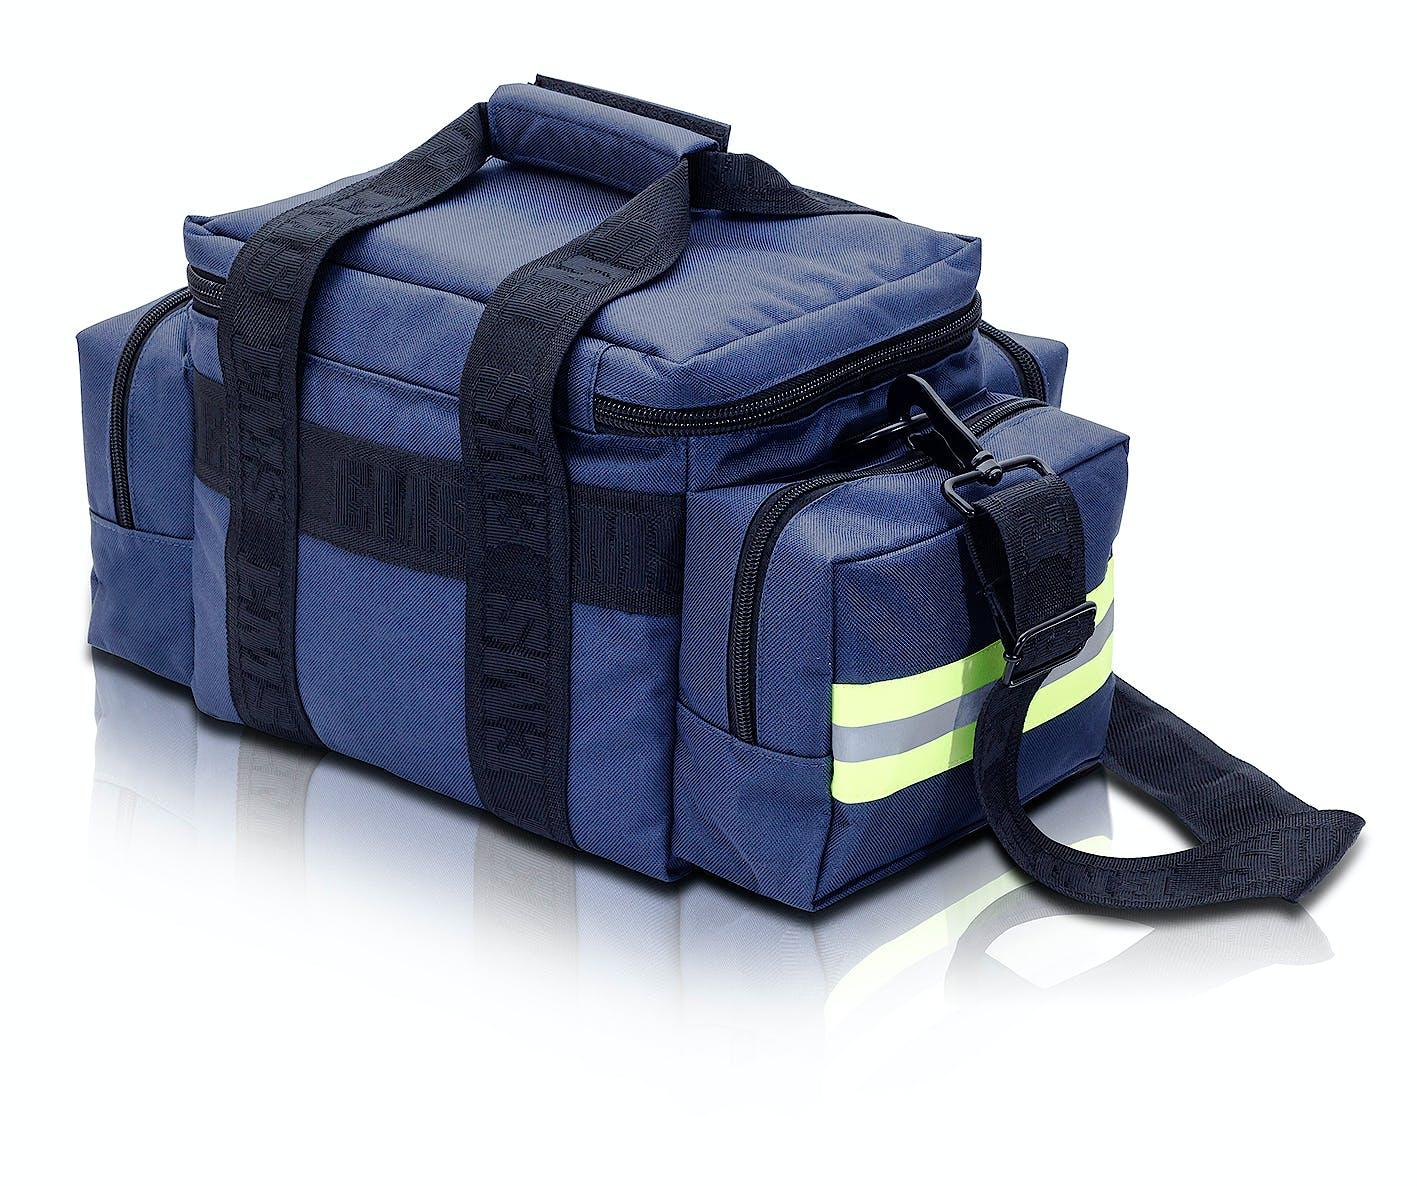 Bolsa Ligera Emergencias de Loneta Azul Modelo EM13.014